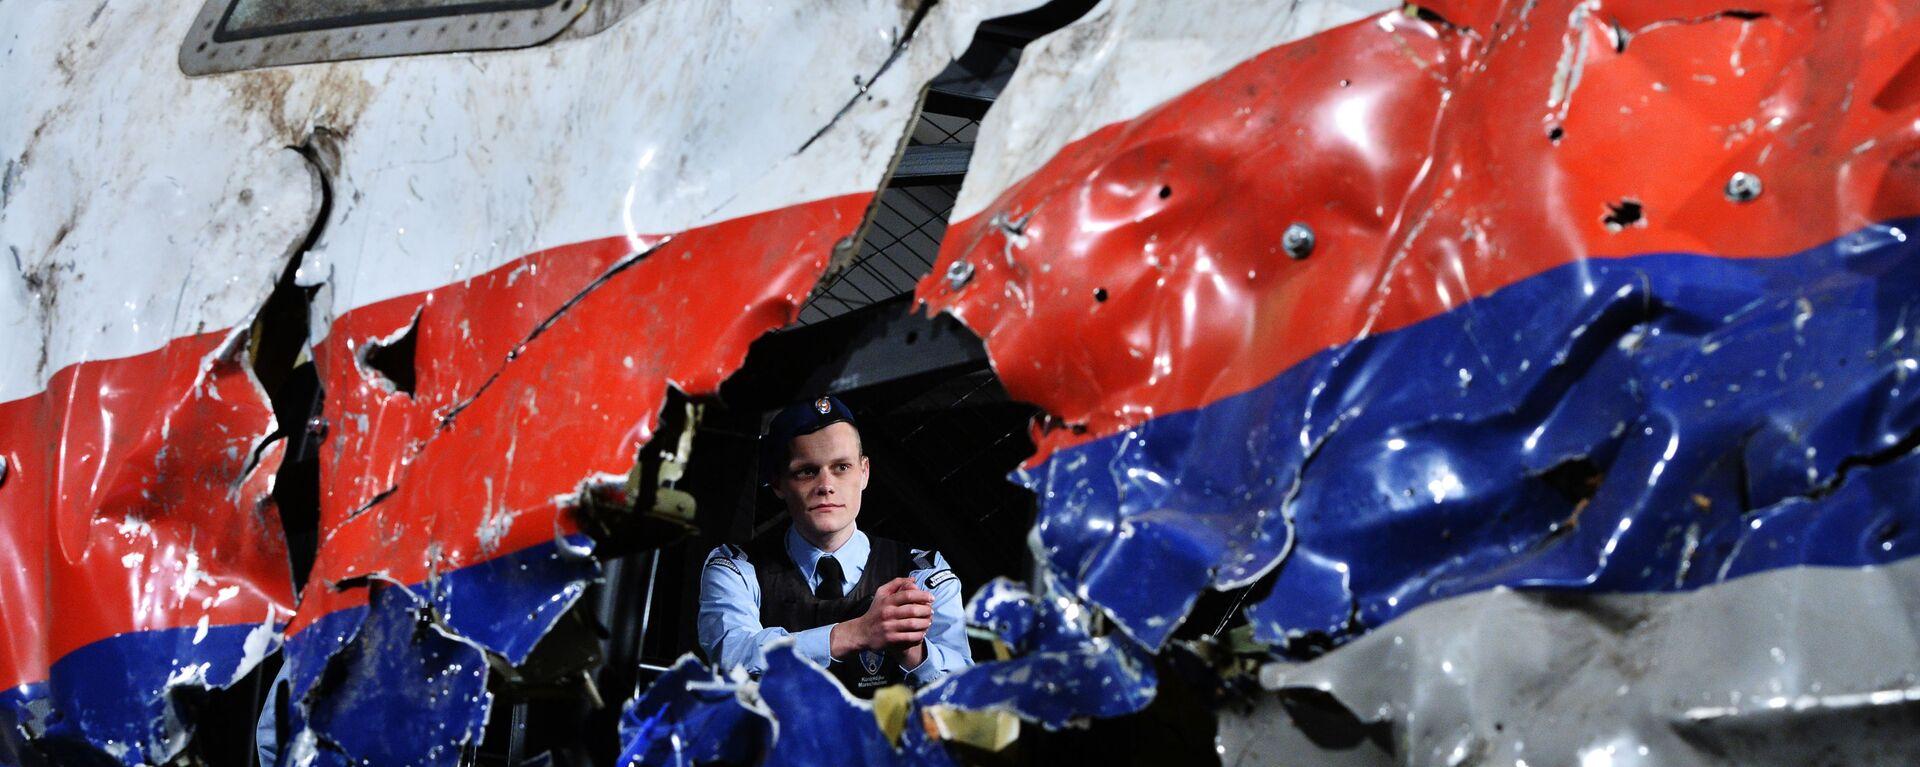 Ricostruzione del disastro del Boeing 777 Malaysia Airlines (volo MH17) nel Donbass il 17 luglio 2014 - Sputnik Italia, 1920, 12.11.2020